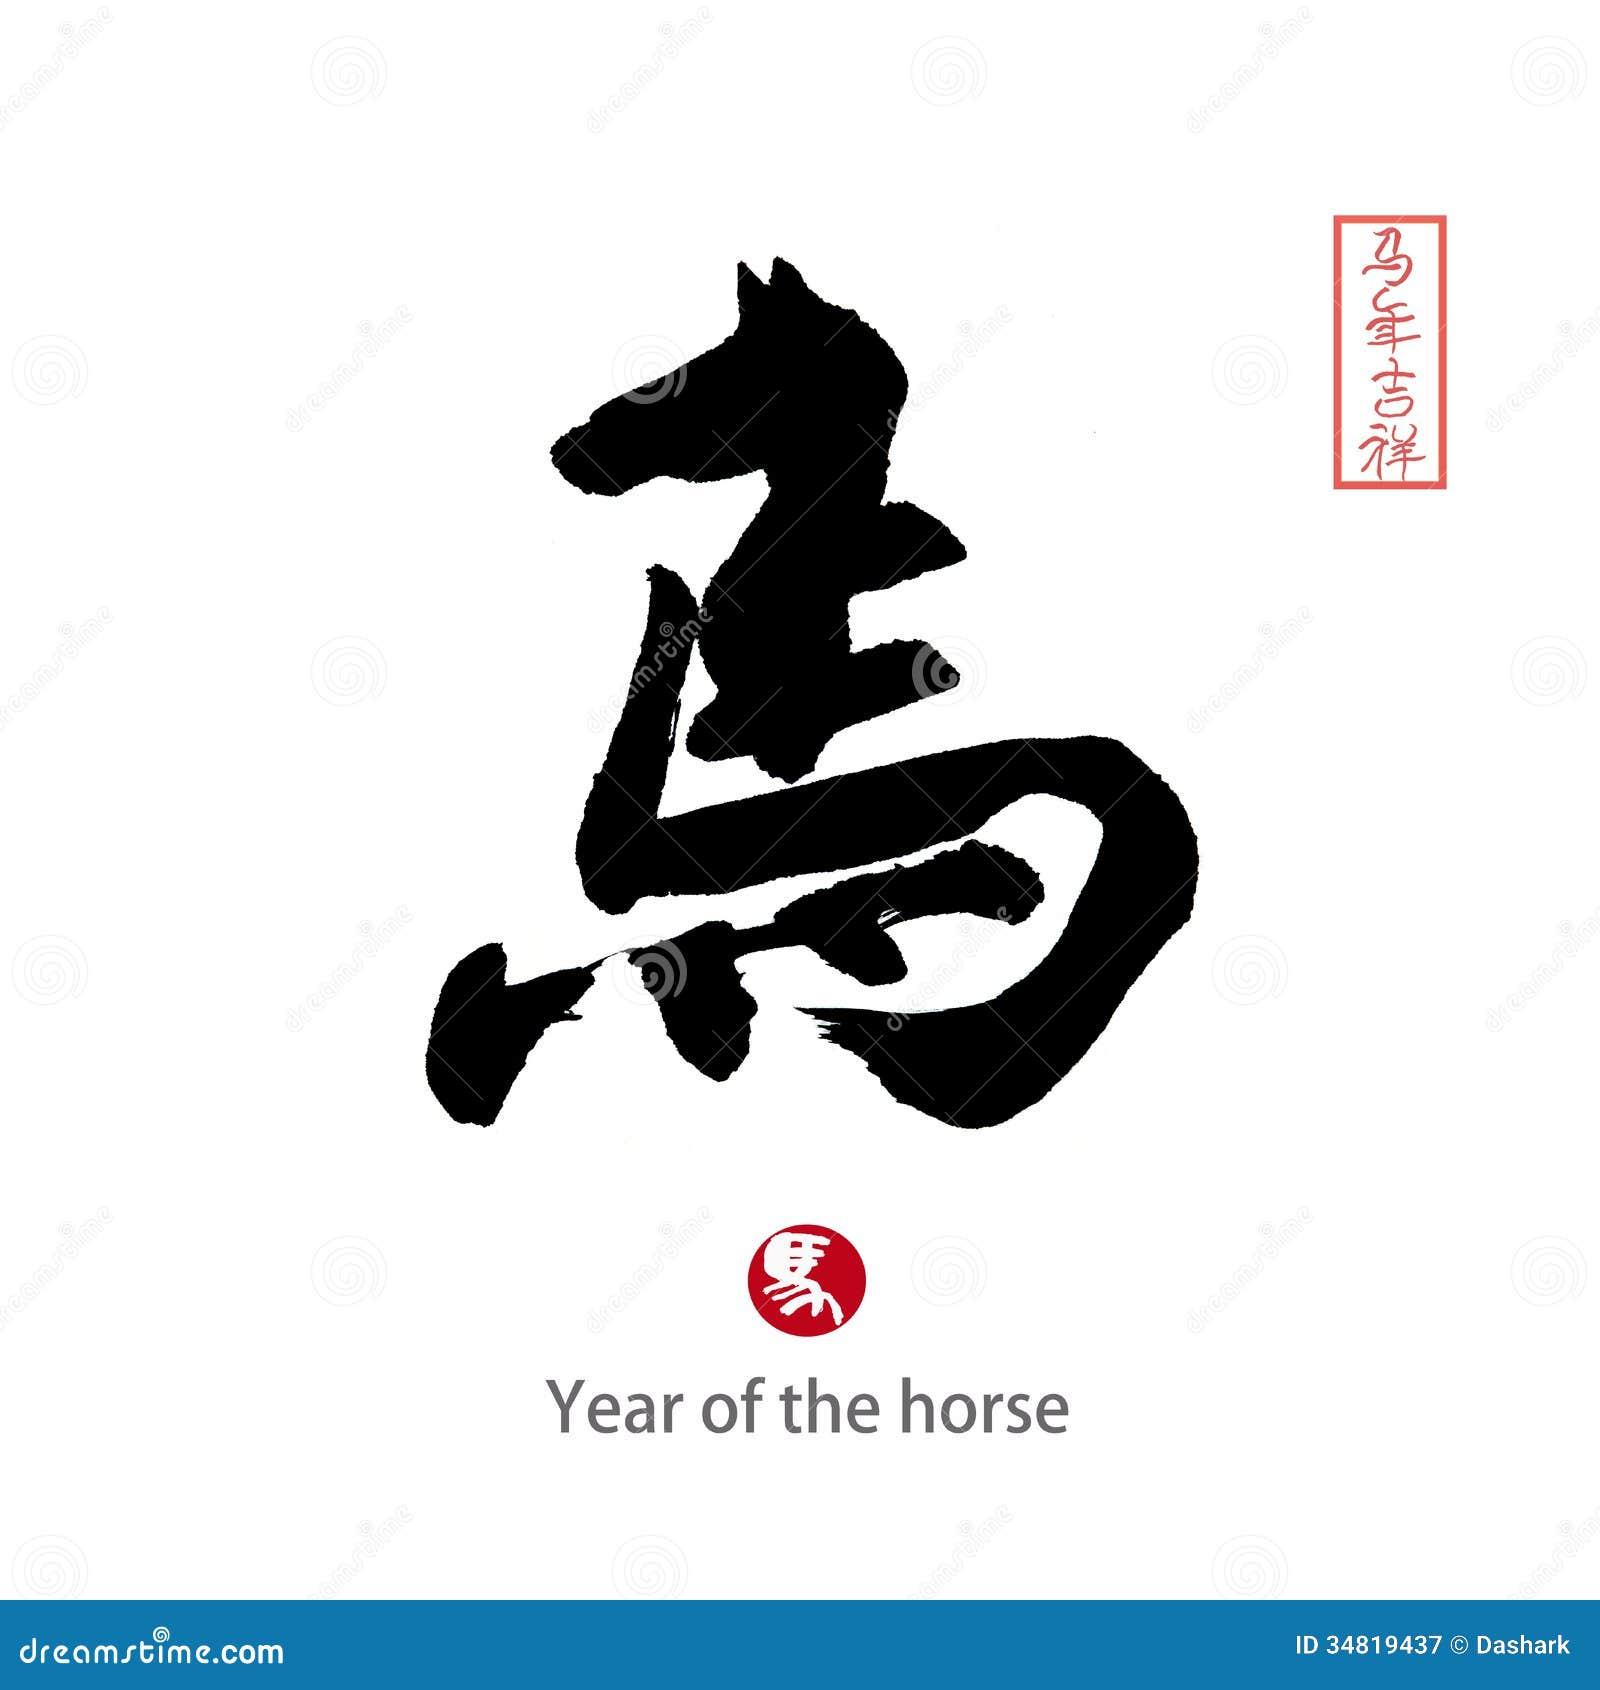 http://thumbs.dreamstime.com/z/est-anne-du-cheval-calligraphie-chinoise-mot-pour-34819437.jpg